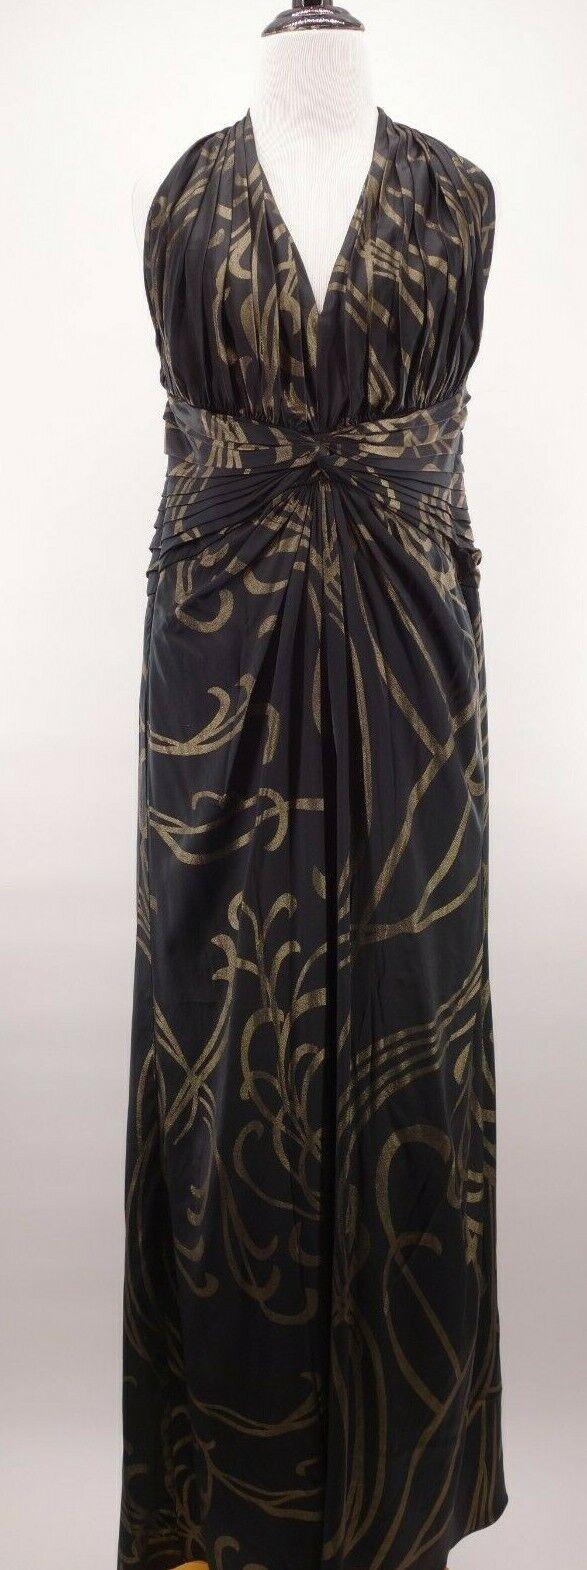 Tadashi Collection 12 schwarz Silk Shimmering Gold Swirl Formal Halter Gown Dress